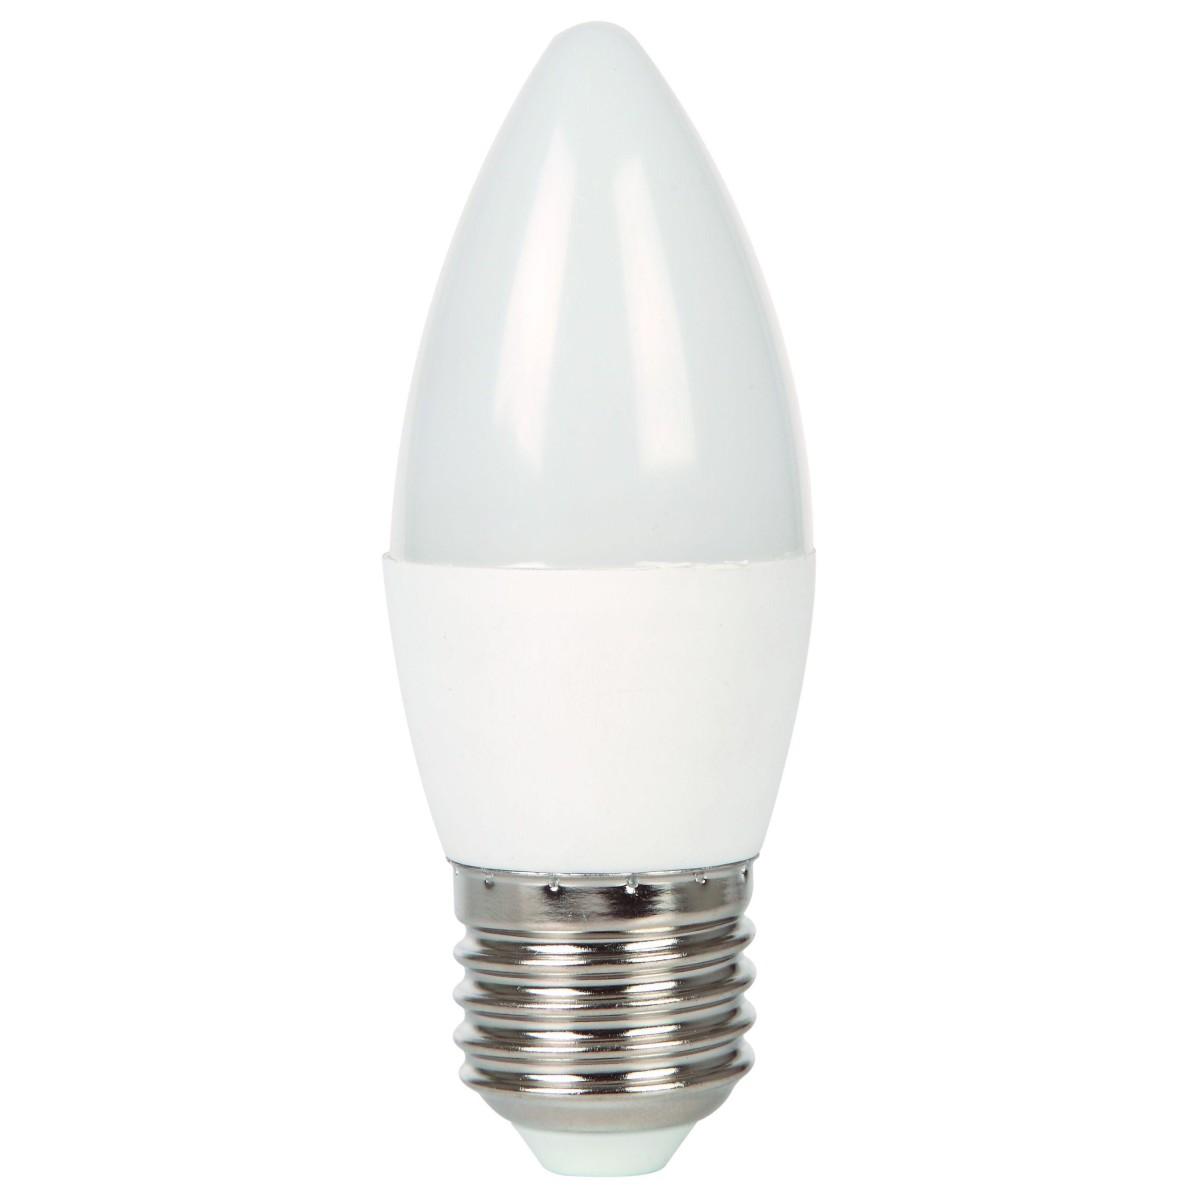 Лампа Ecola light светодионая E27 6 Вт свеча 420 Лм нейтральный свет